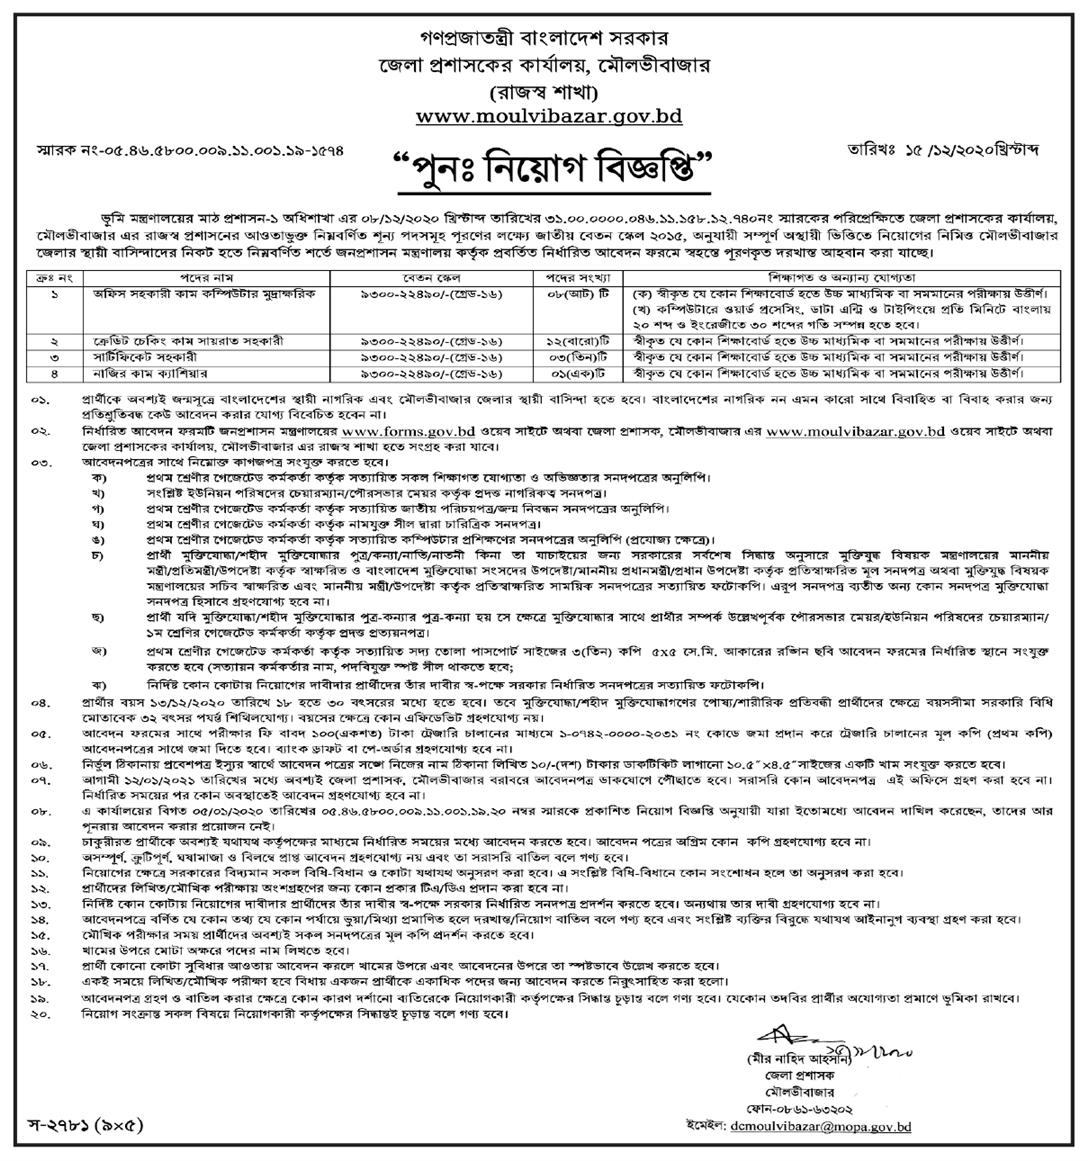 Moulvibazar DC Office job Circular 2021